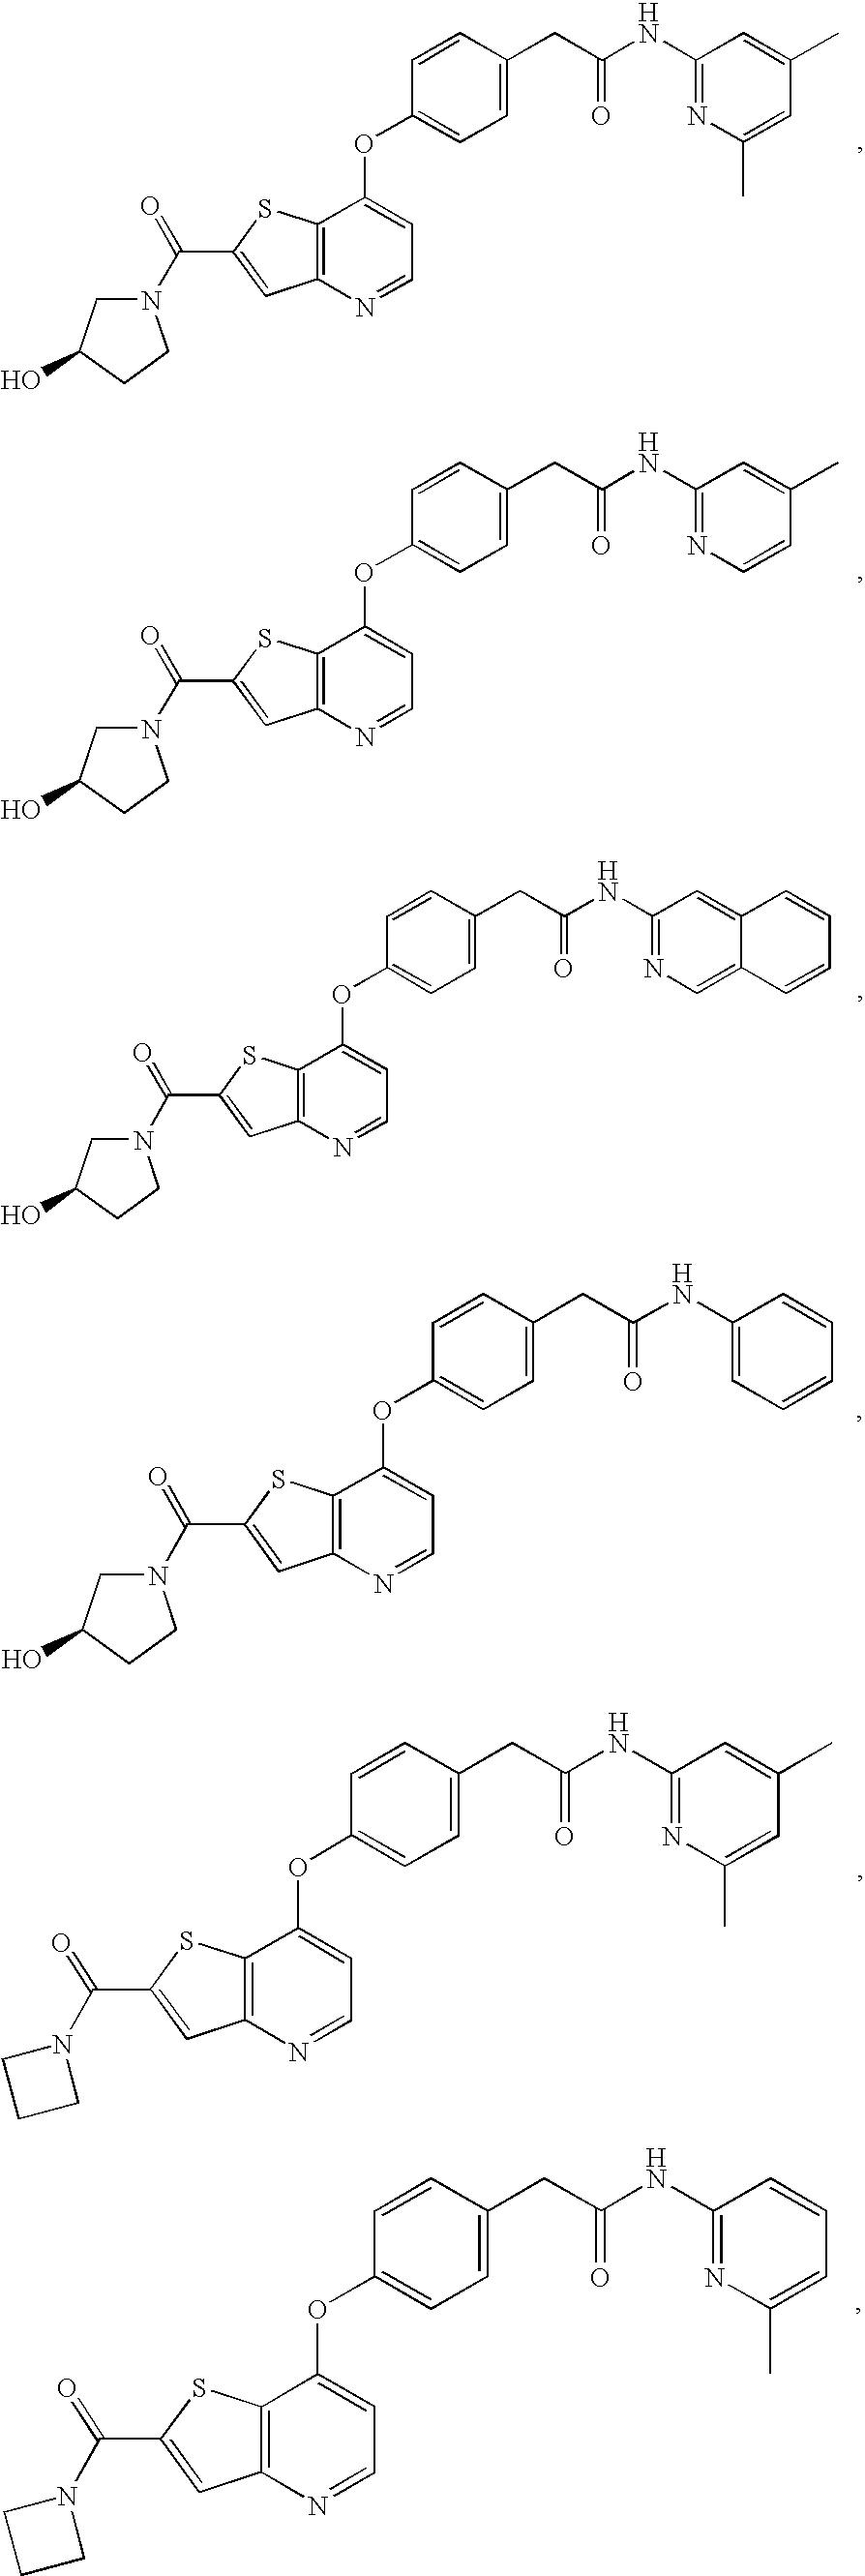 Figure US07208500-20070424-C00165